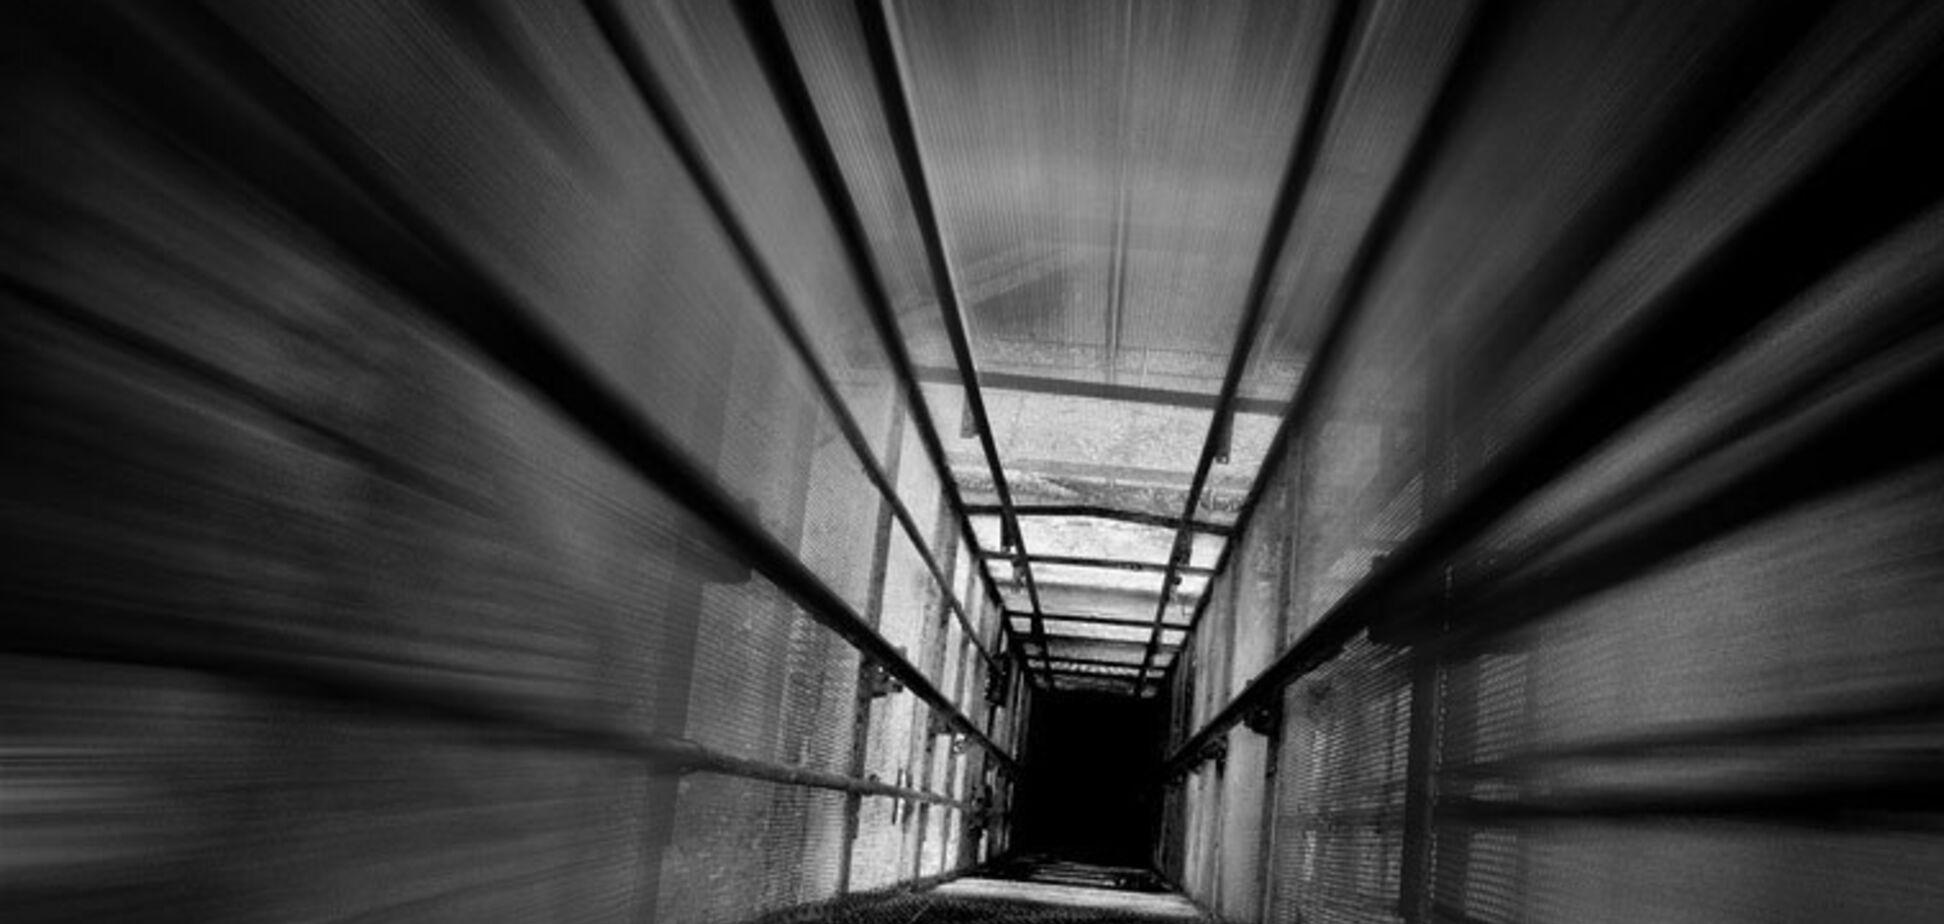 На Дніпропетровщині впав ліфт з людиною всередині: опубліковано відео